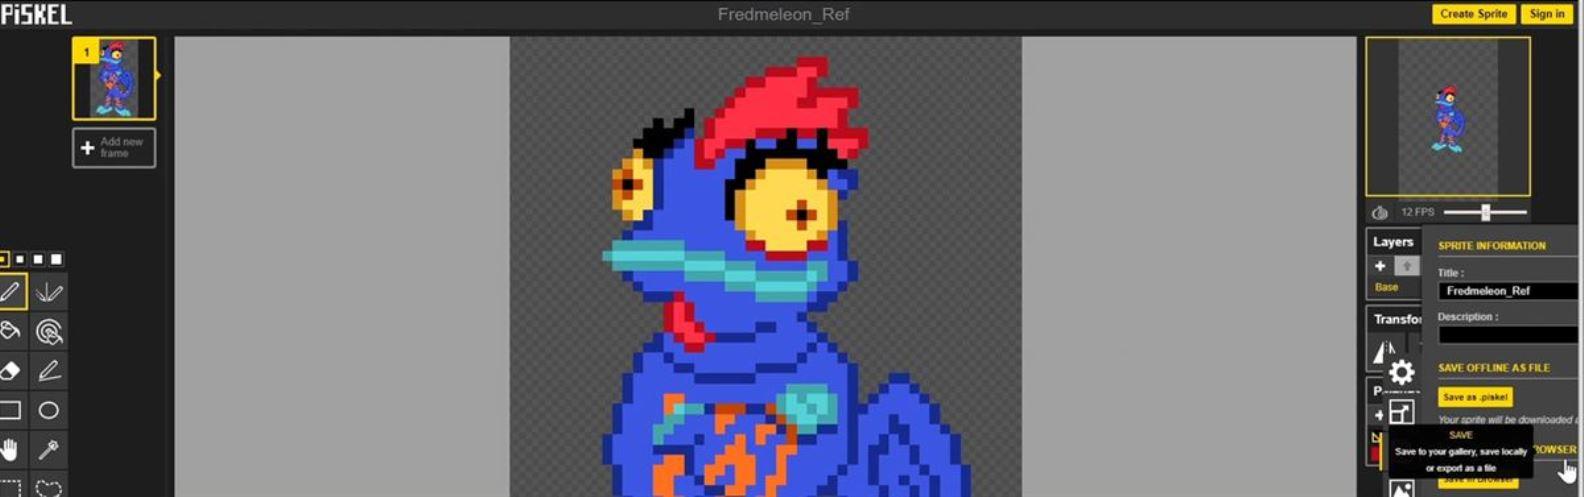 Actividad para niños de Arte 2D/3D: Fredmeleon